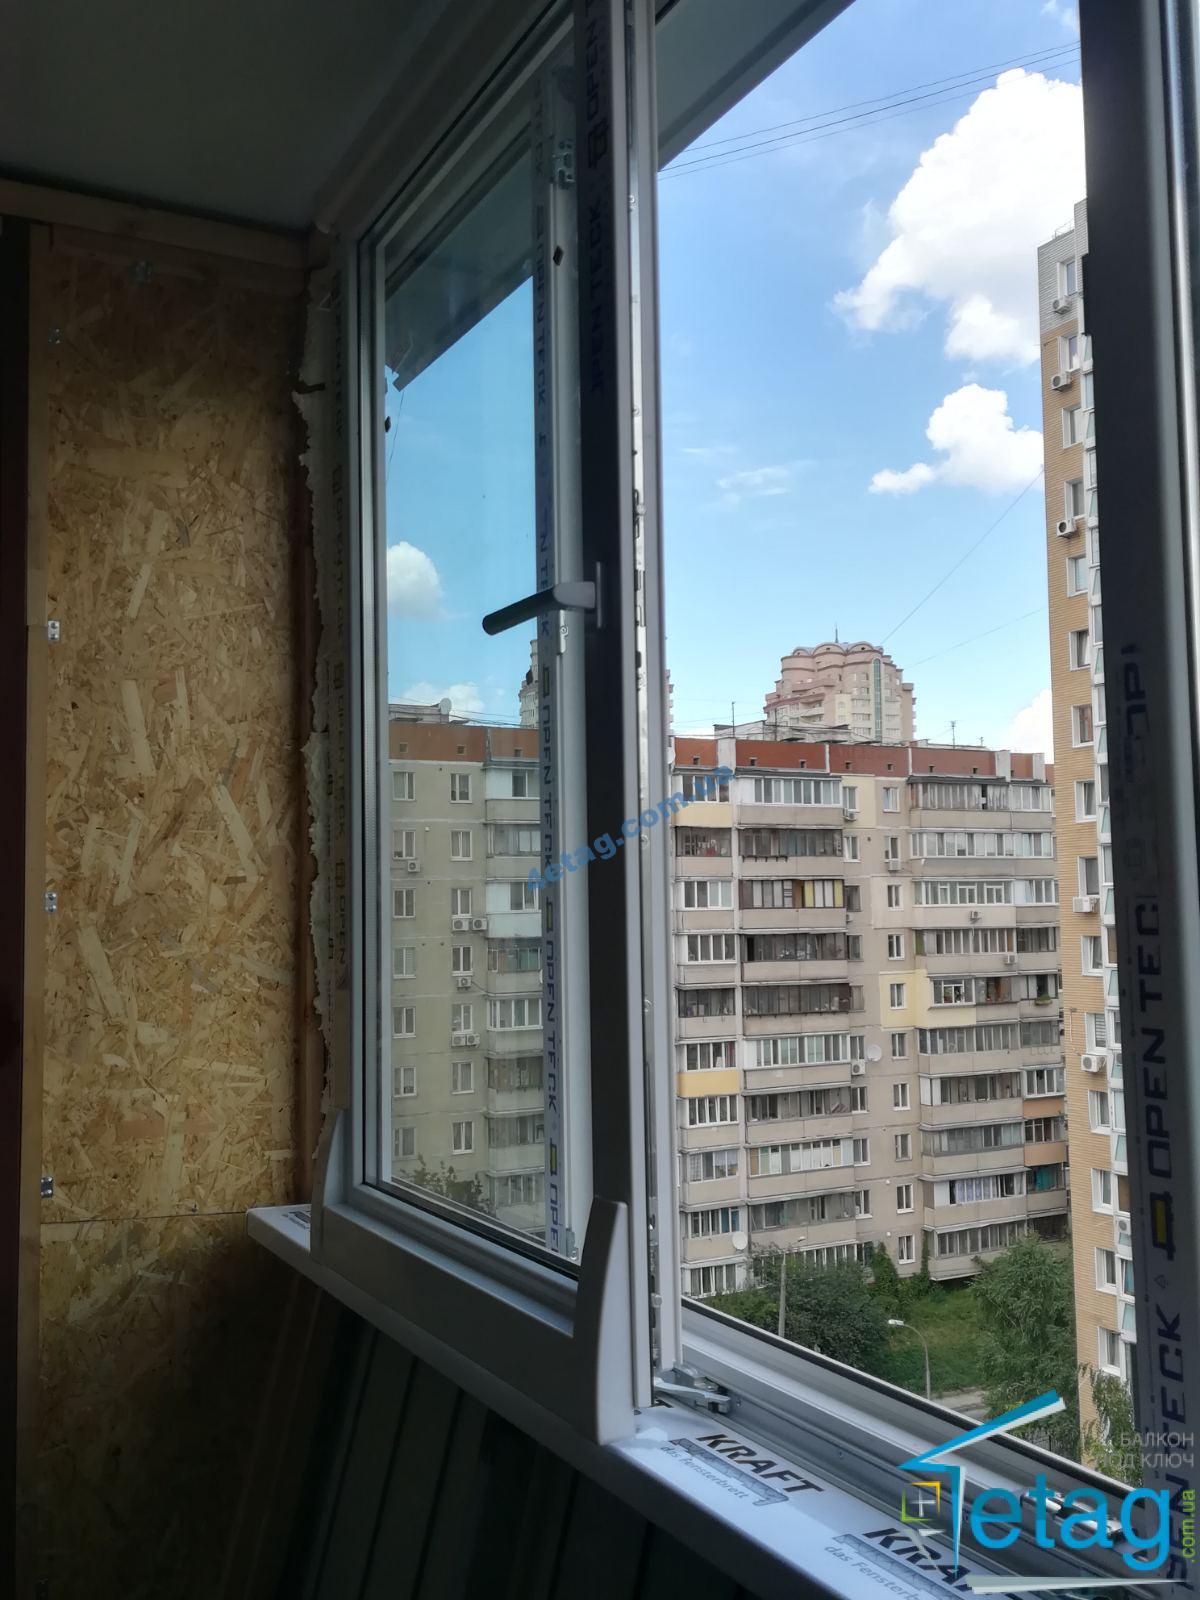 Розсувні вікна на балкон OpenTeck фото роботи 5 бригади